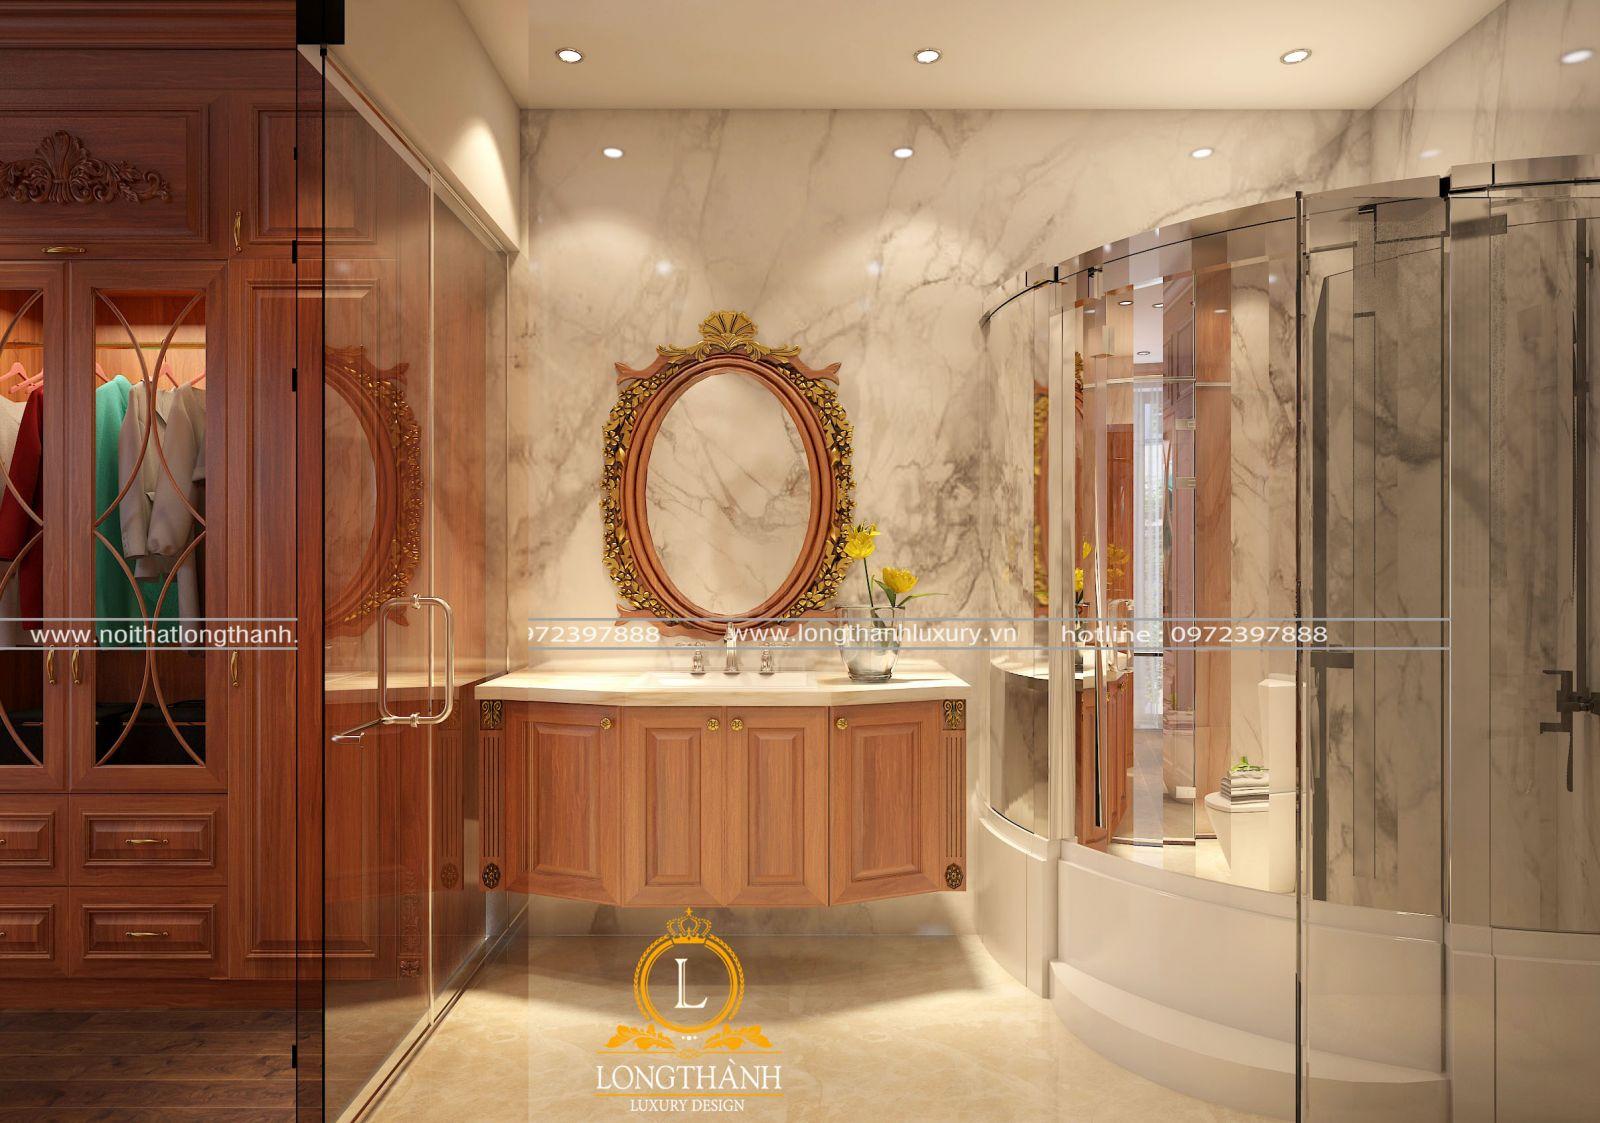 Top 10 mẫu phòng tắm tân cổ điển sang trọng, đẳng cấp